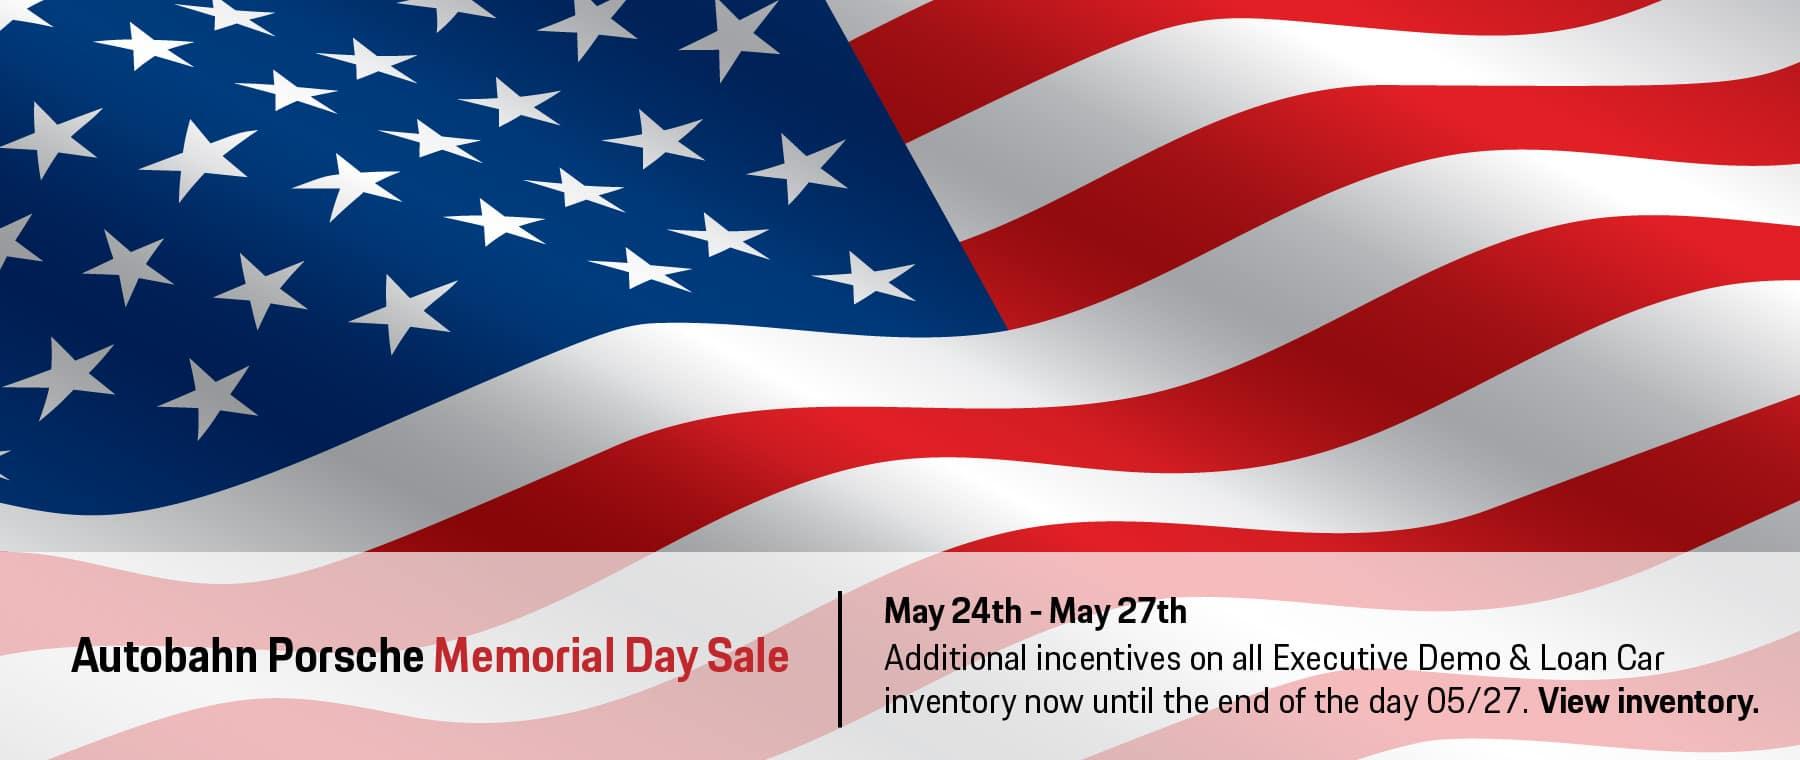 Autobahn Porsche Fort Worth   Memorial Day Sale Specials